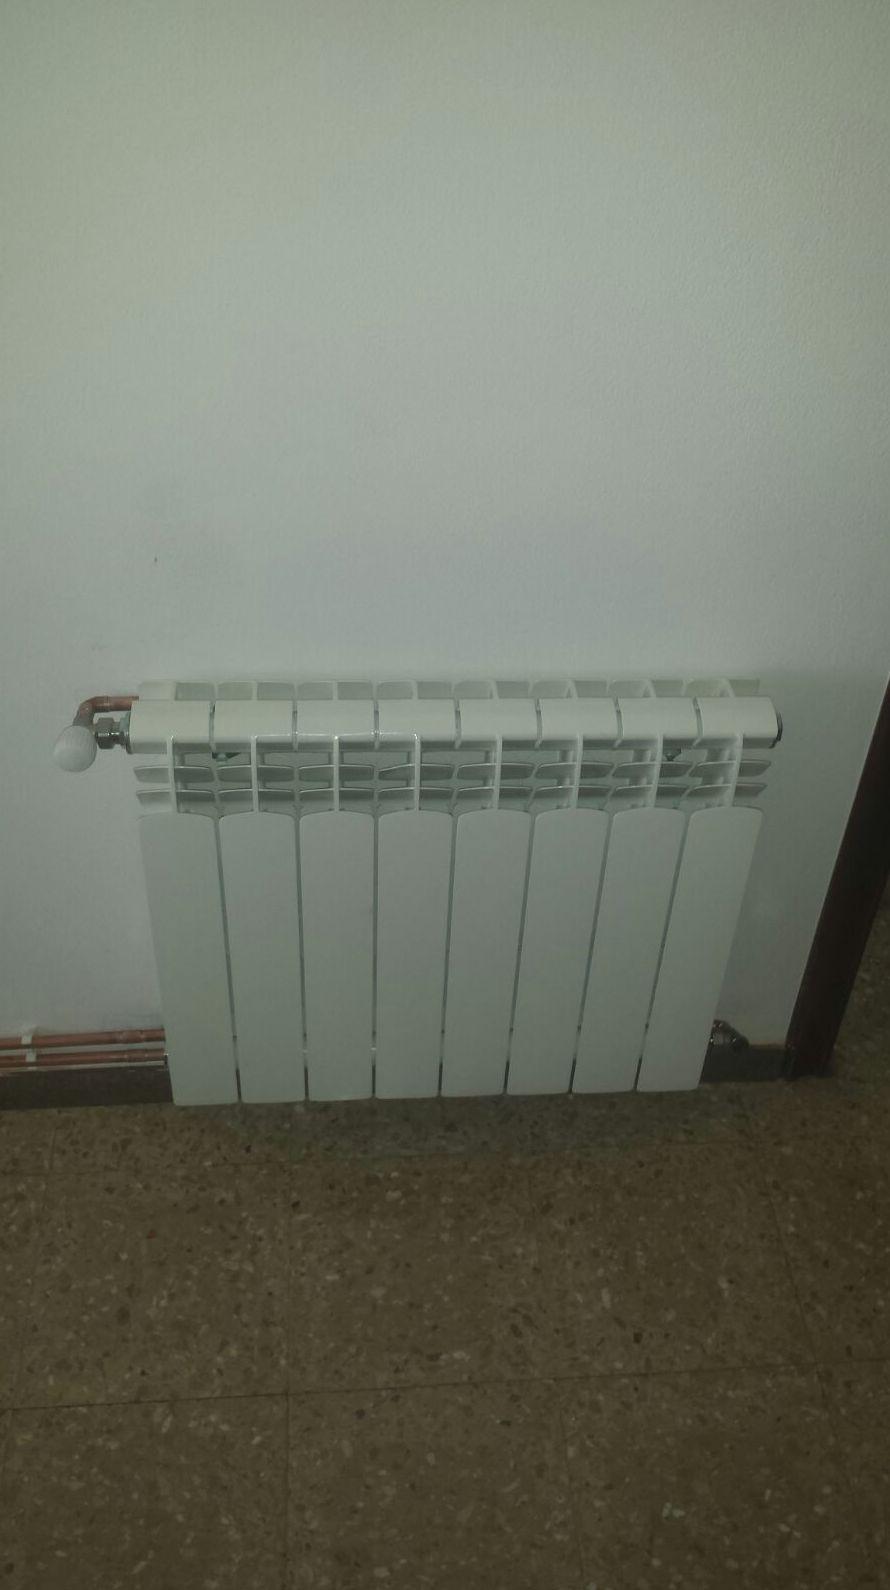 Venta, instalación y mantenimiento de radiadores